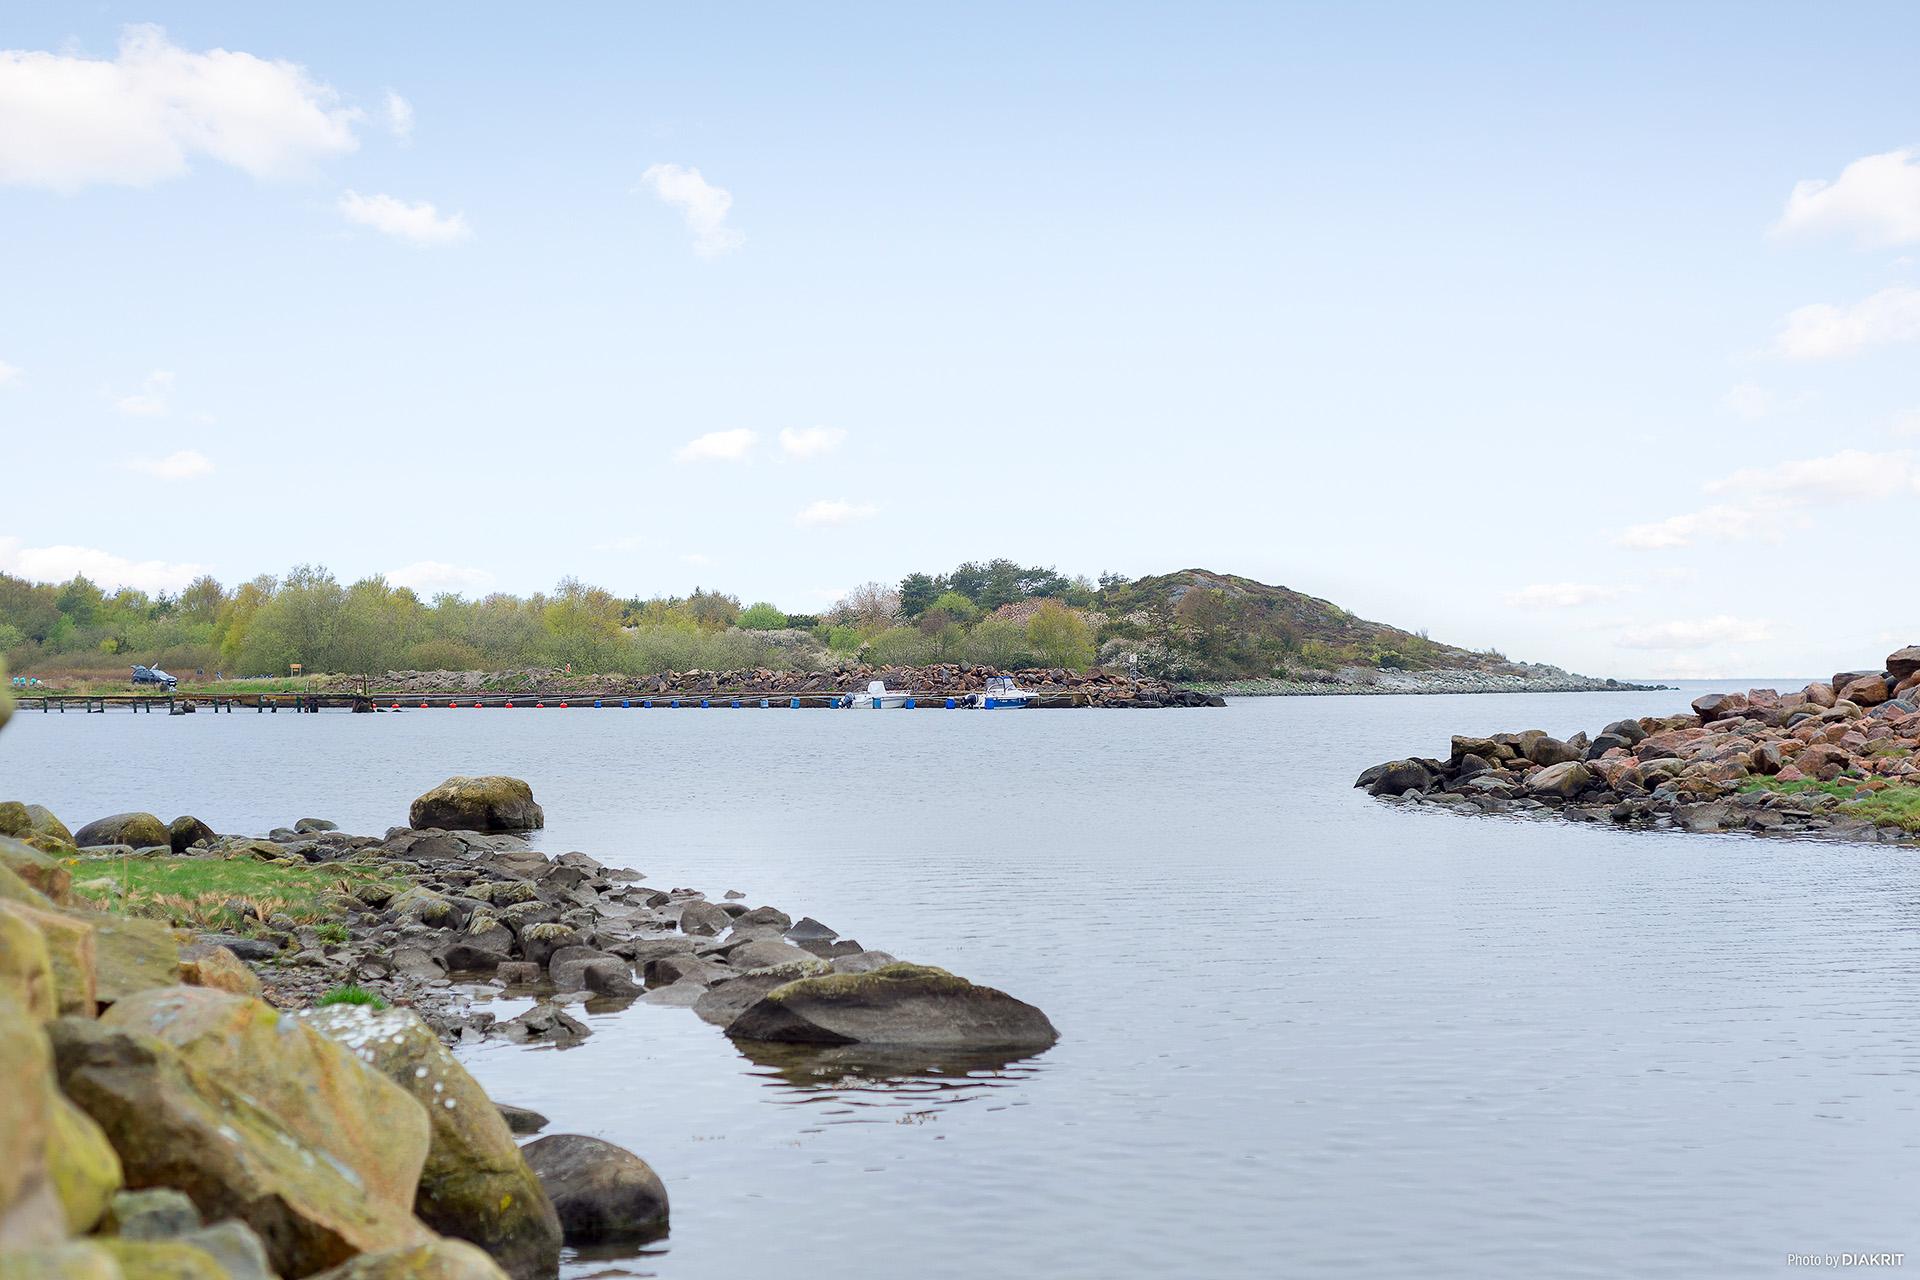 Småbåtshamn i närområdet finns det också